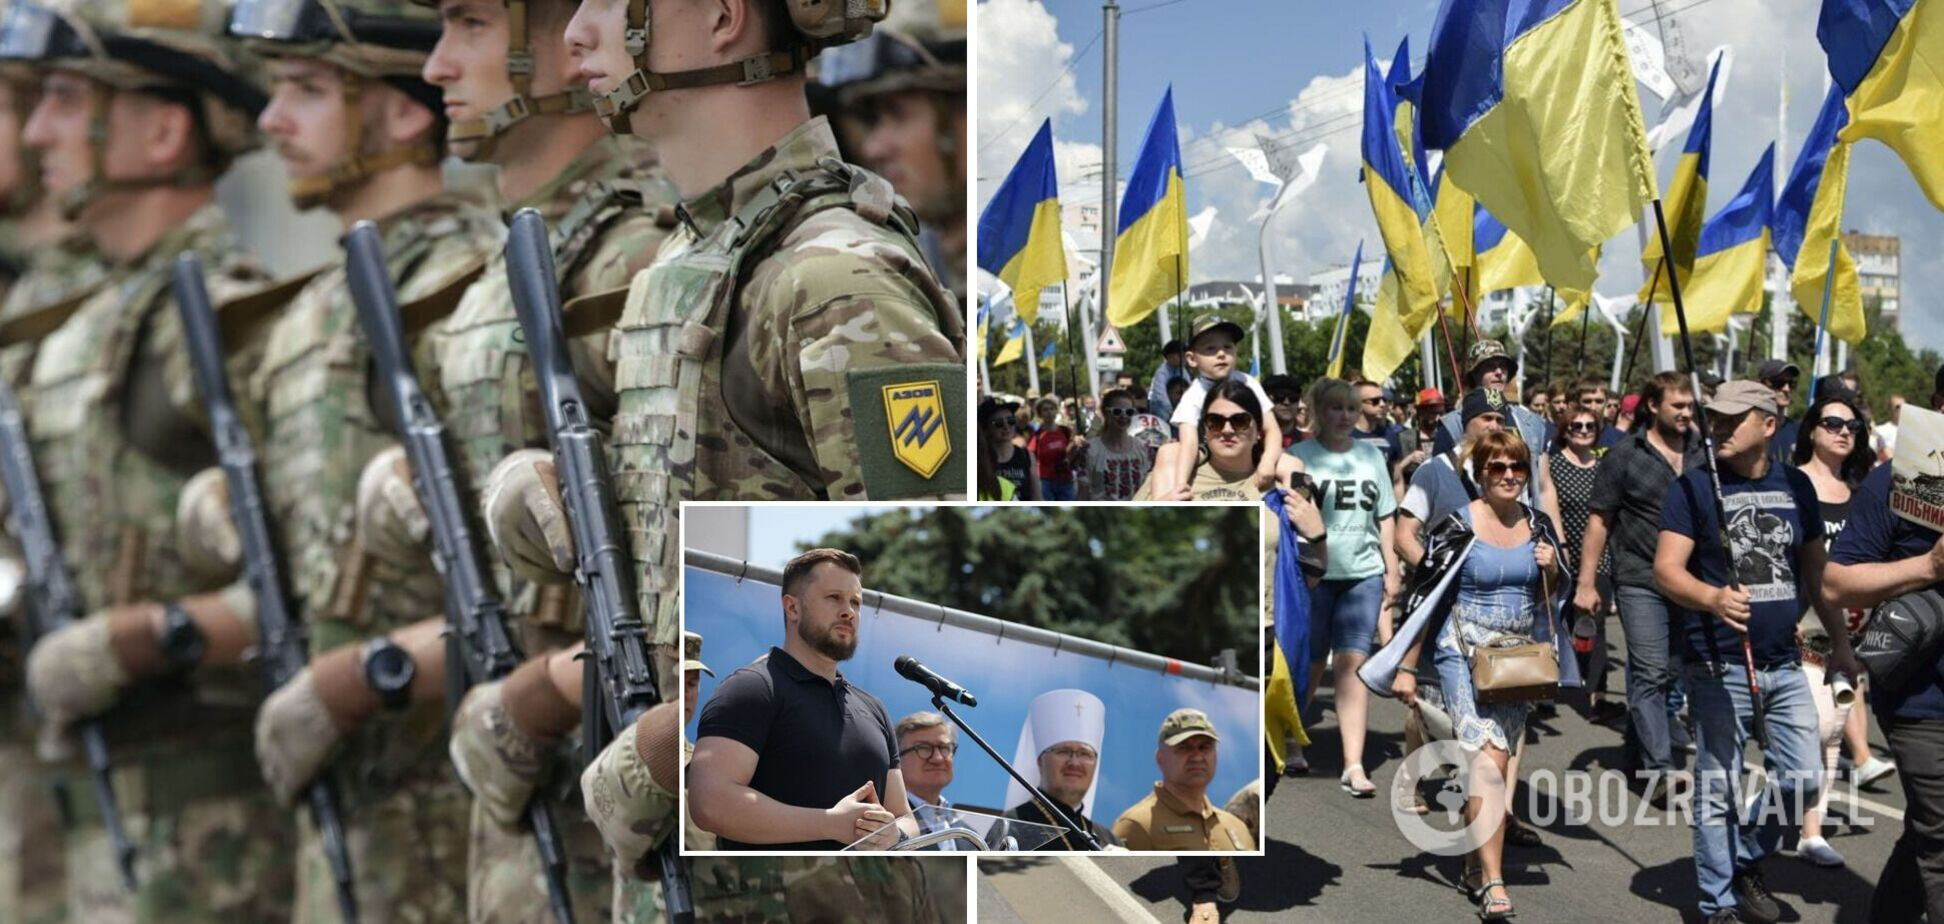 Звільнення Маріуполя в 2014 році стало стратегічною перемогою українських військ